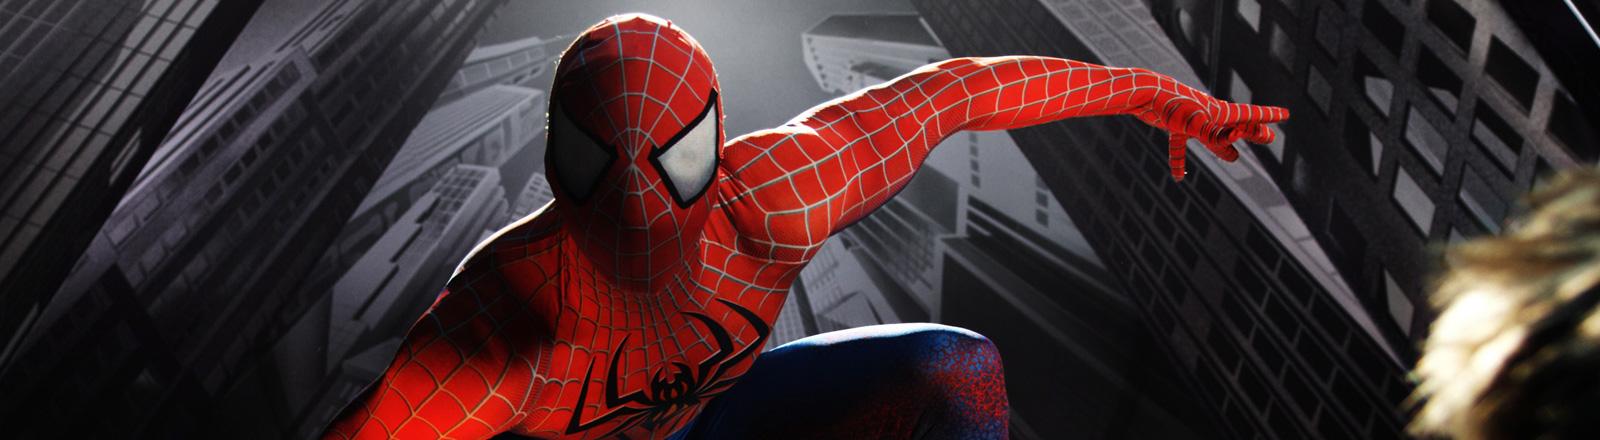 Spiderman vor New York Kulisse